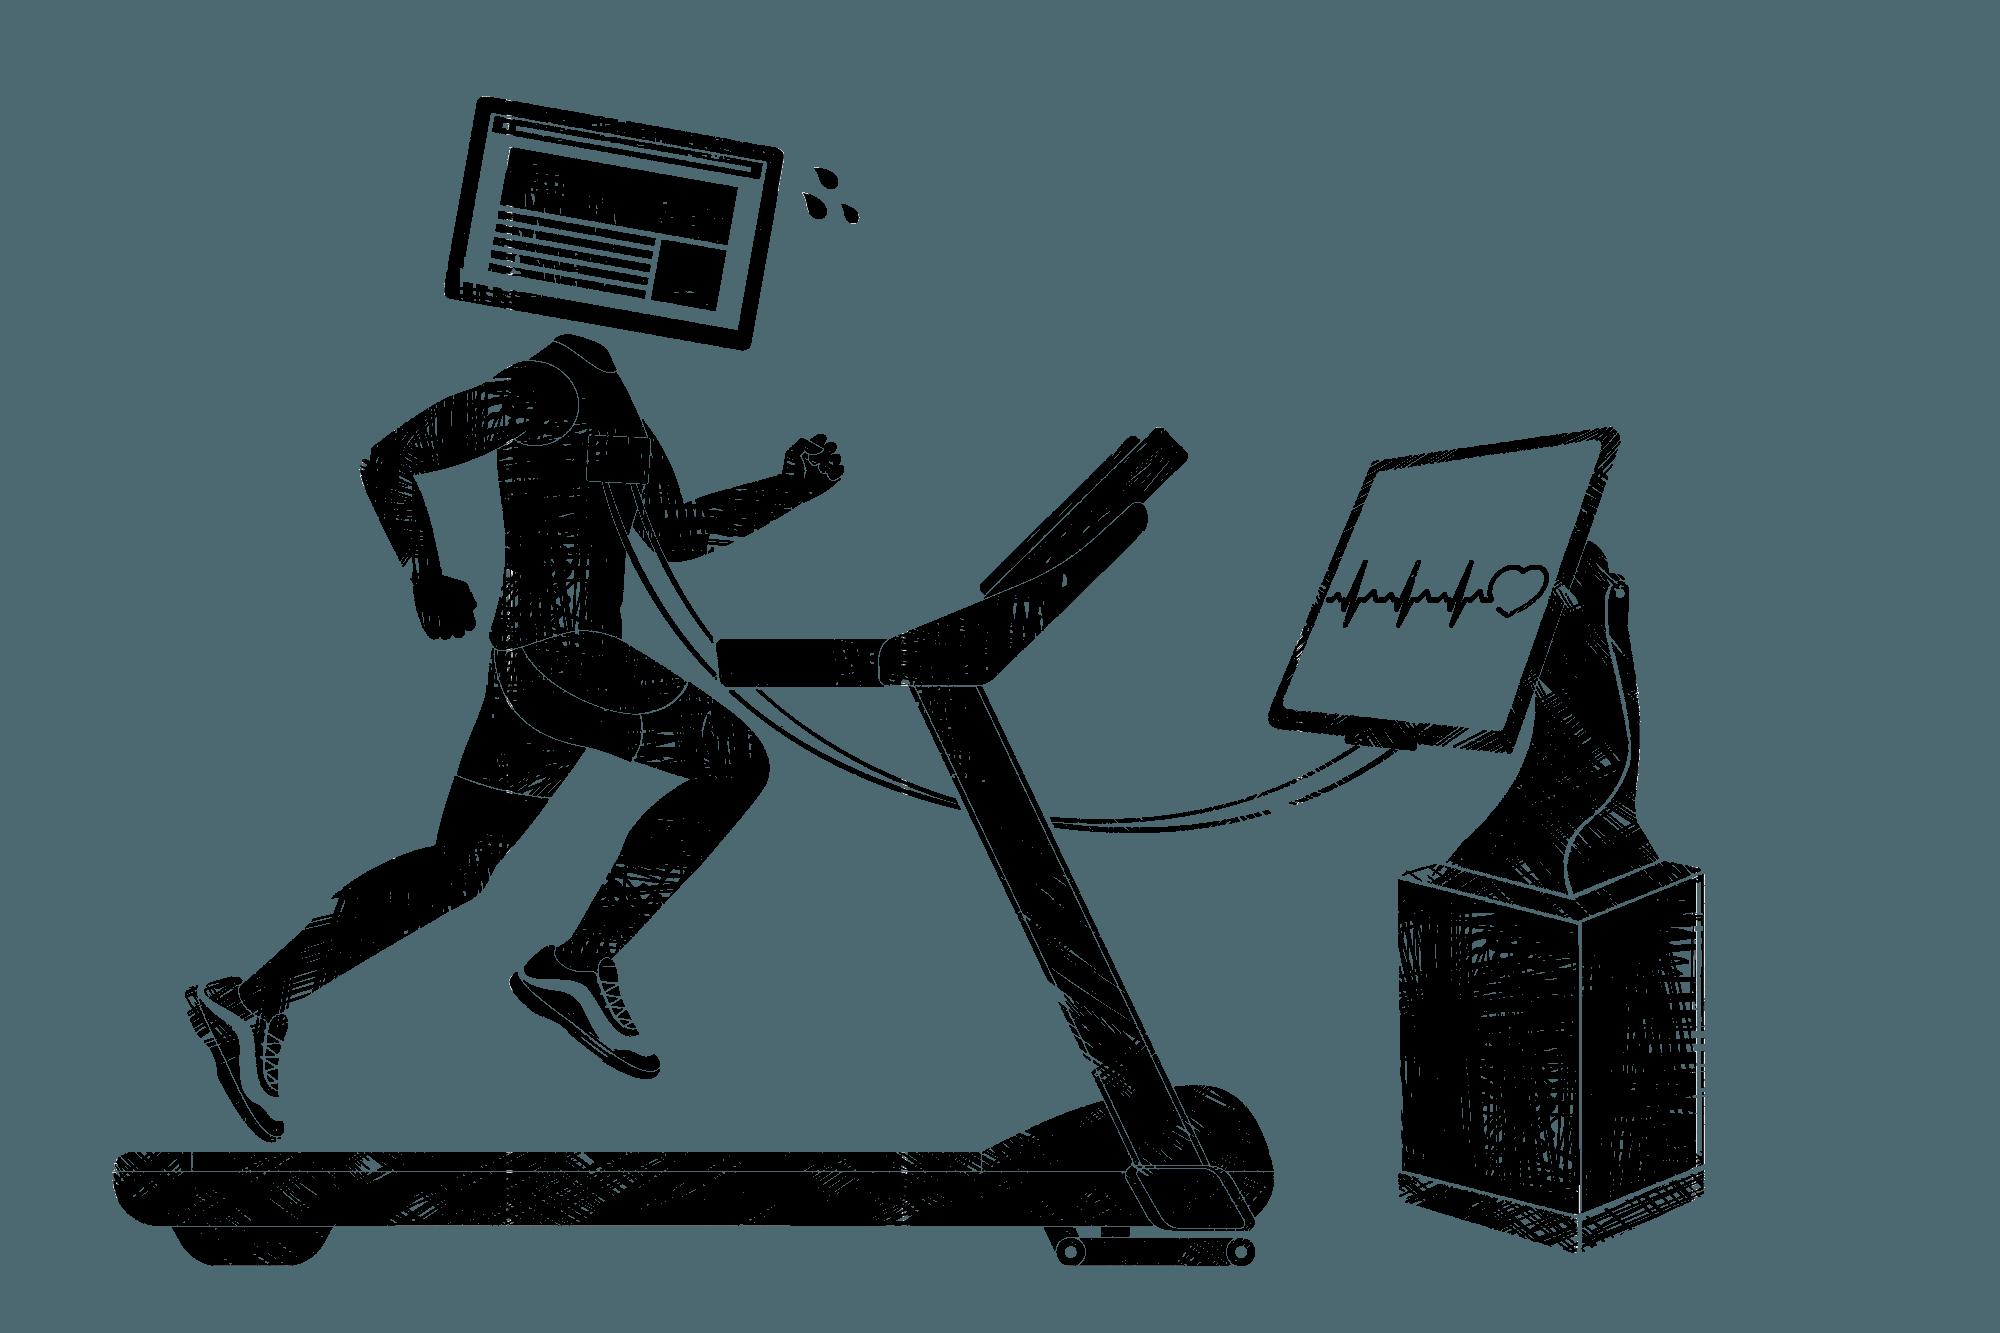 Mann mit Computerbildschirm als Kopf rennt auf einem Laufband und ist an ein EKG gekoppelt.